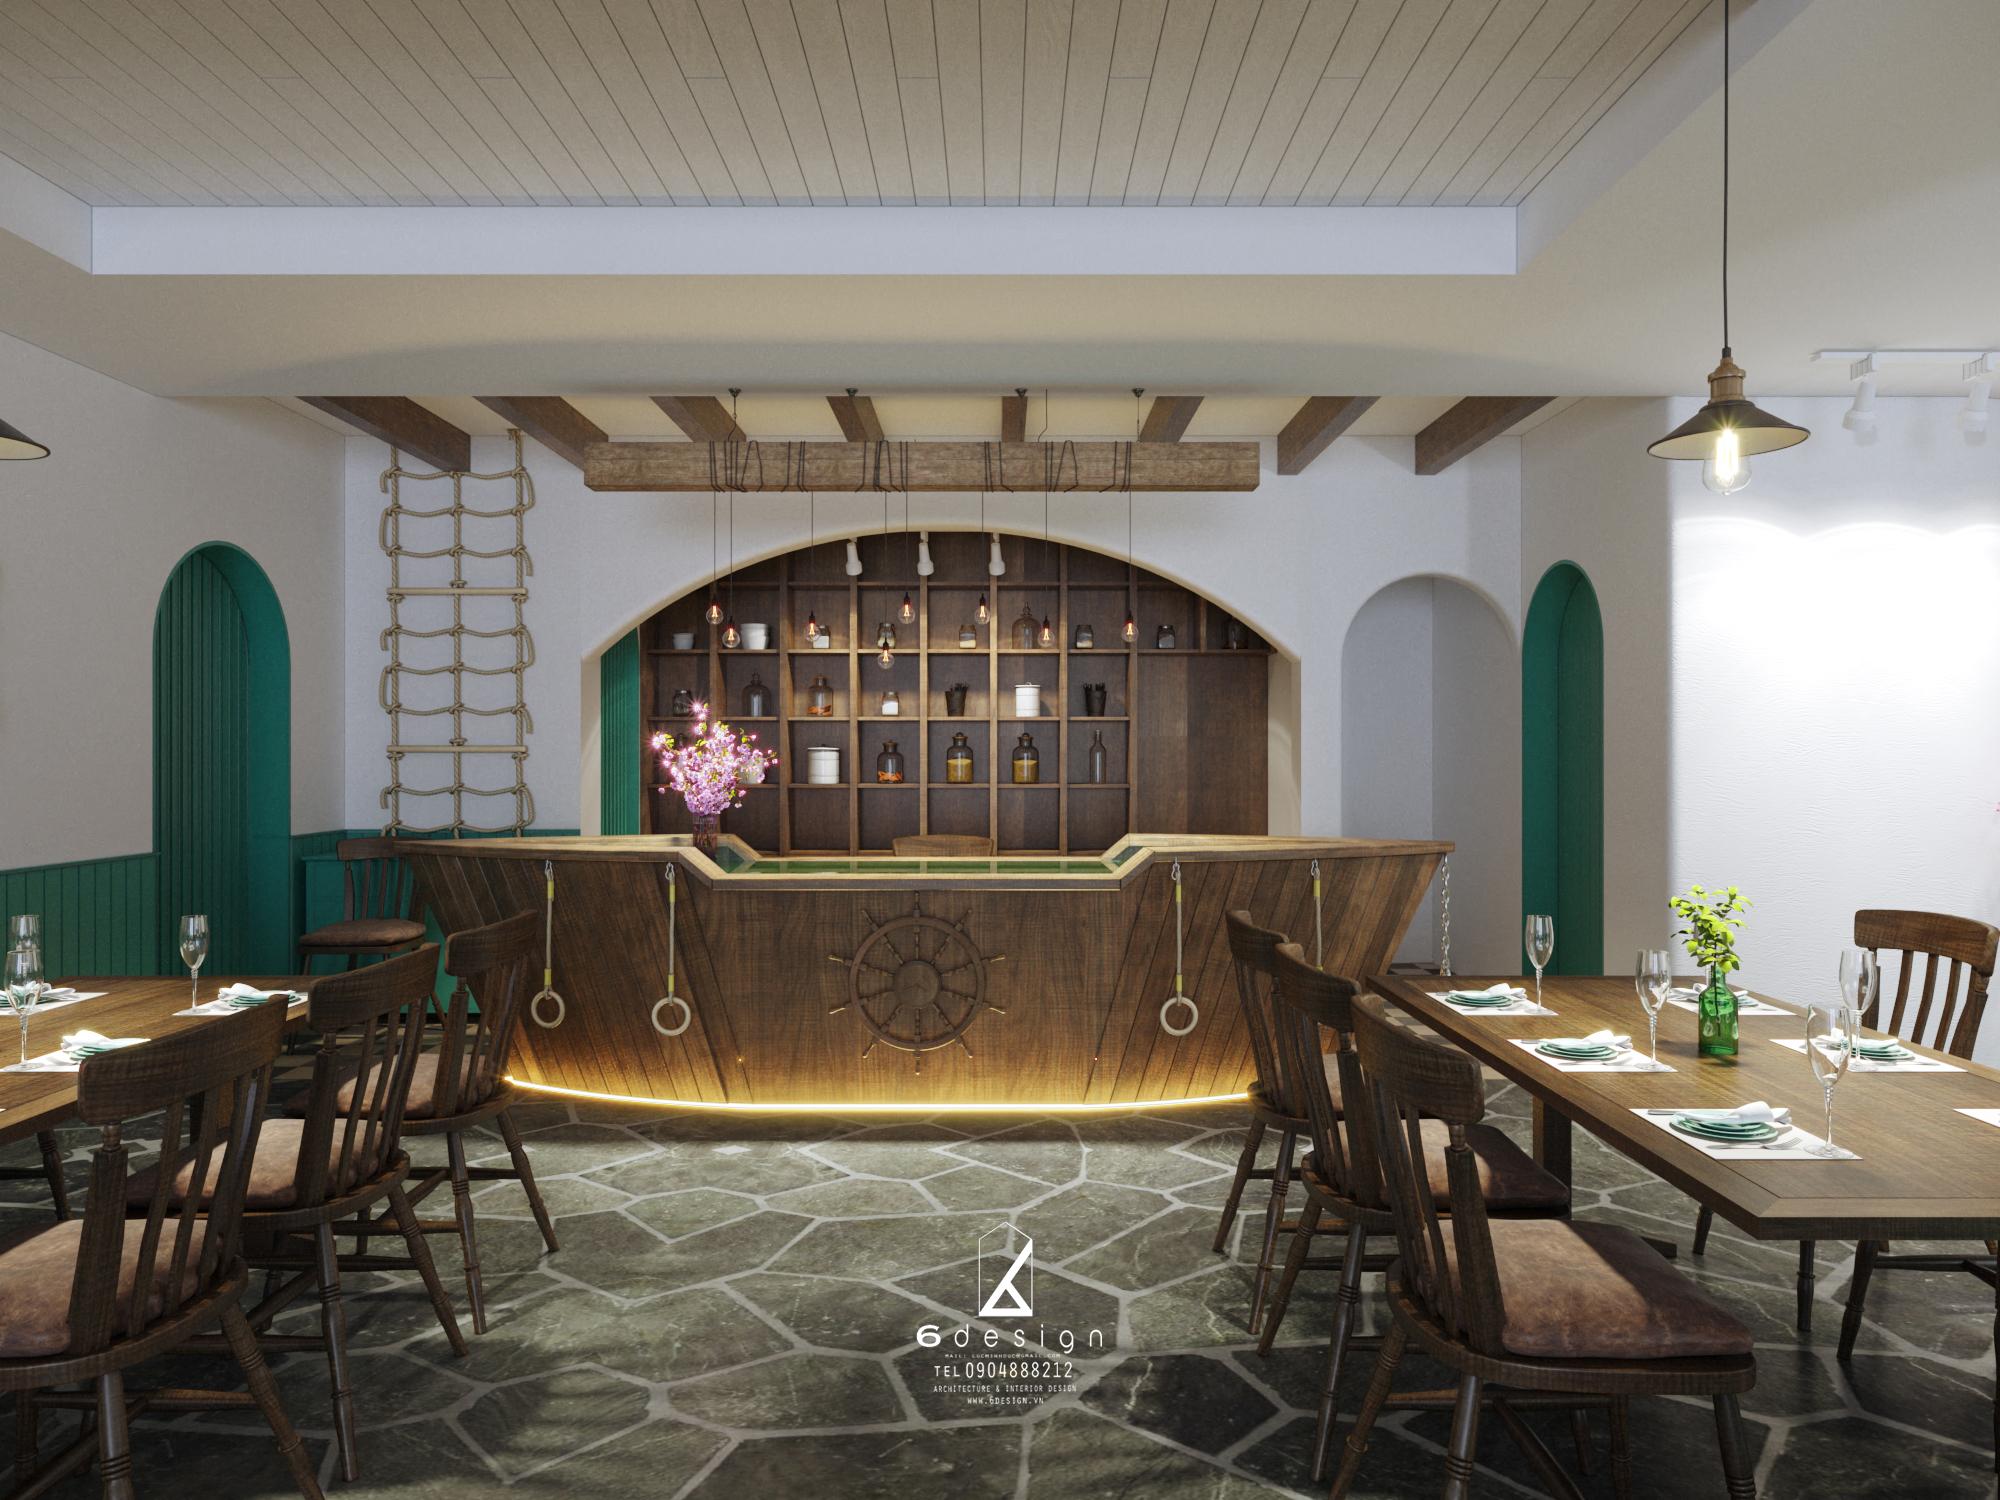 Thiết kế nội thất Nhà Hàng tại Hà Nội NHÀ HÀNG THẾ GIỚI HẢI SẢN 1590724251 5